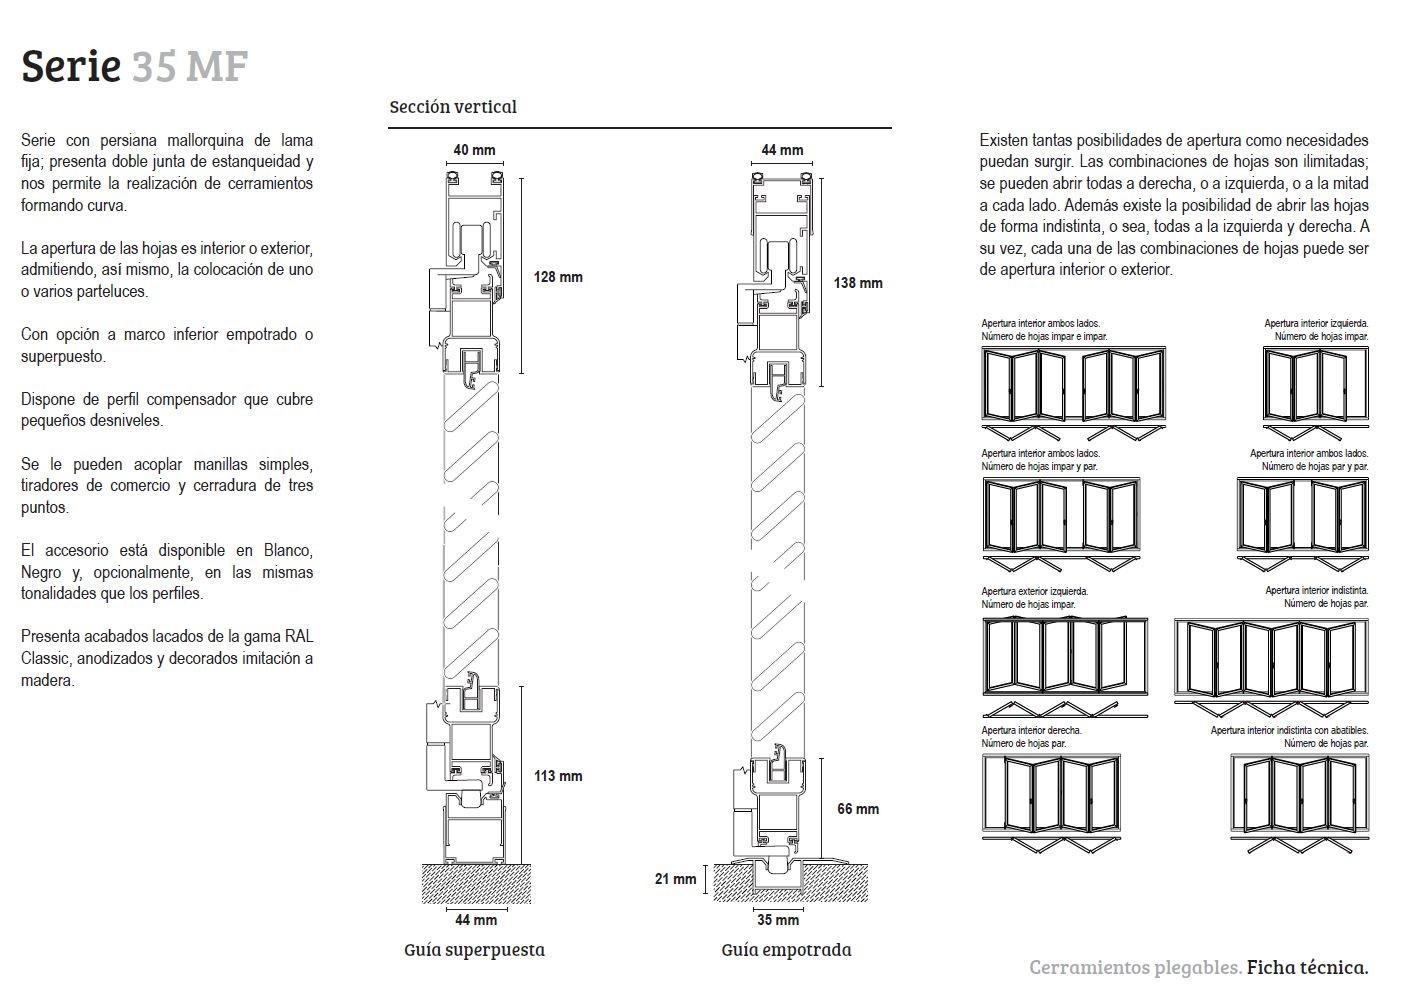 serie-35MF